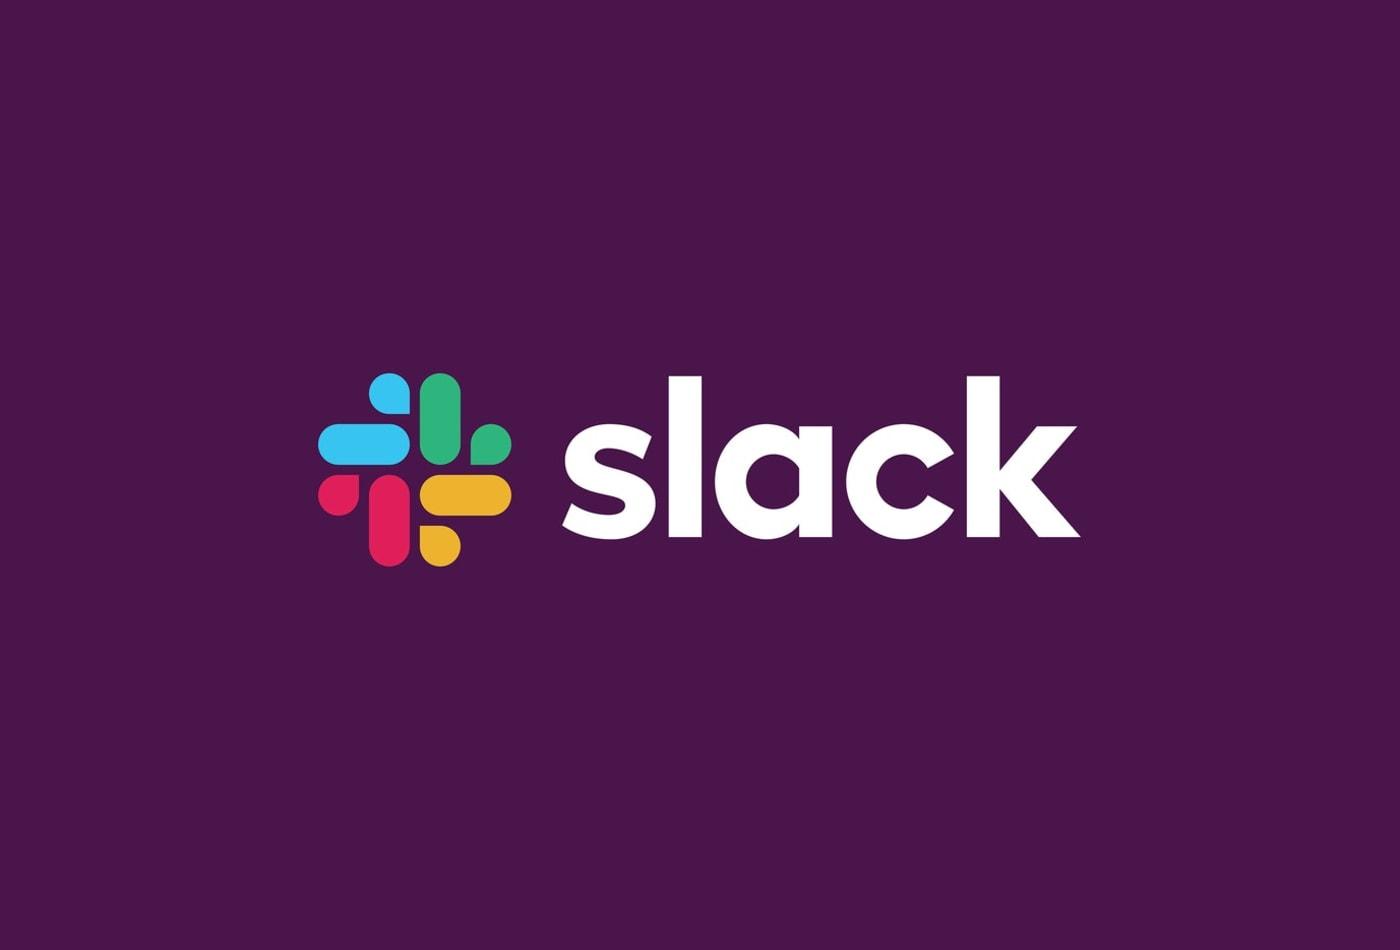 Le Slack café